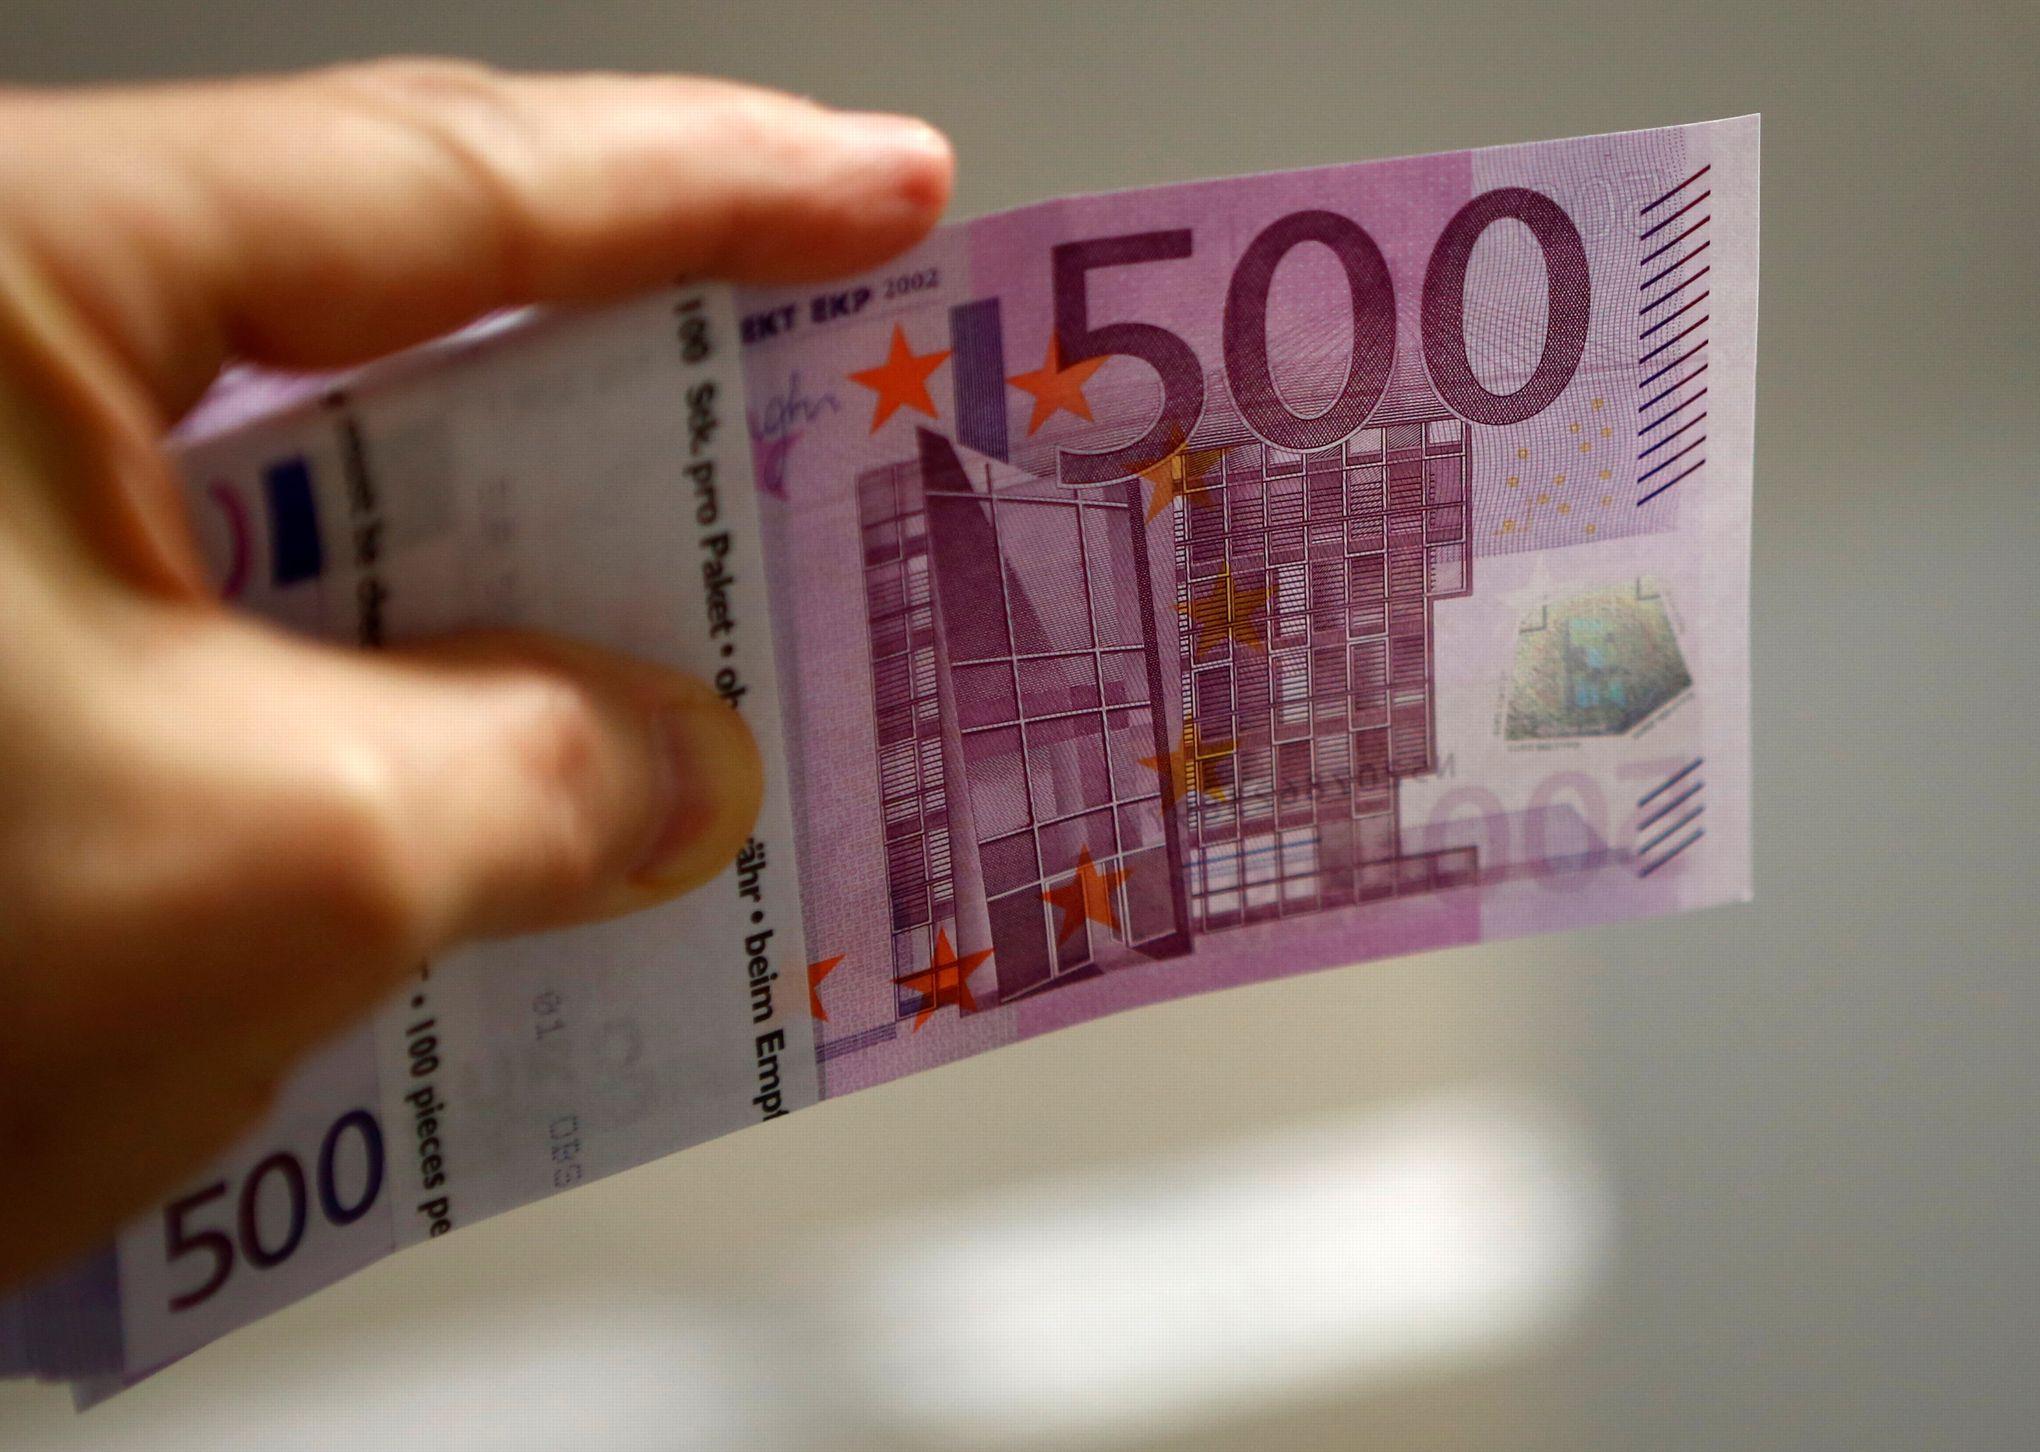 Après Le «500 Euros», Les Billets Menacés ? concernant Pièces Et Billets En Euros À Imprimer